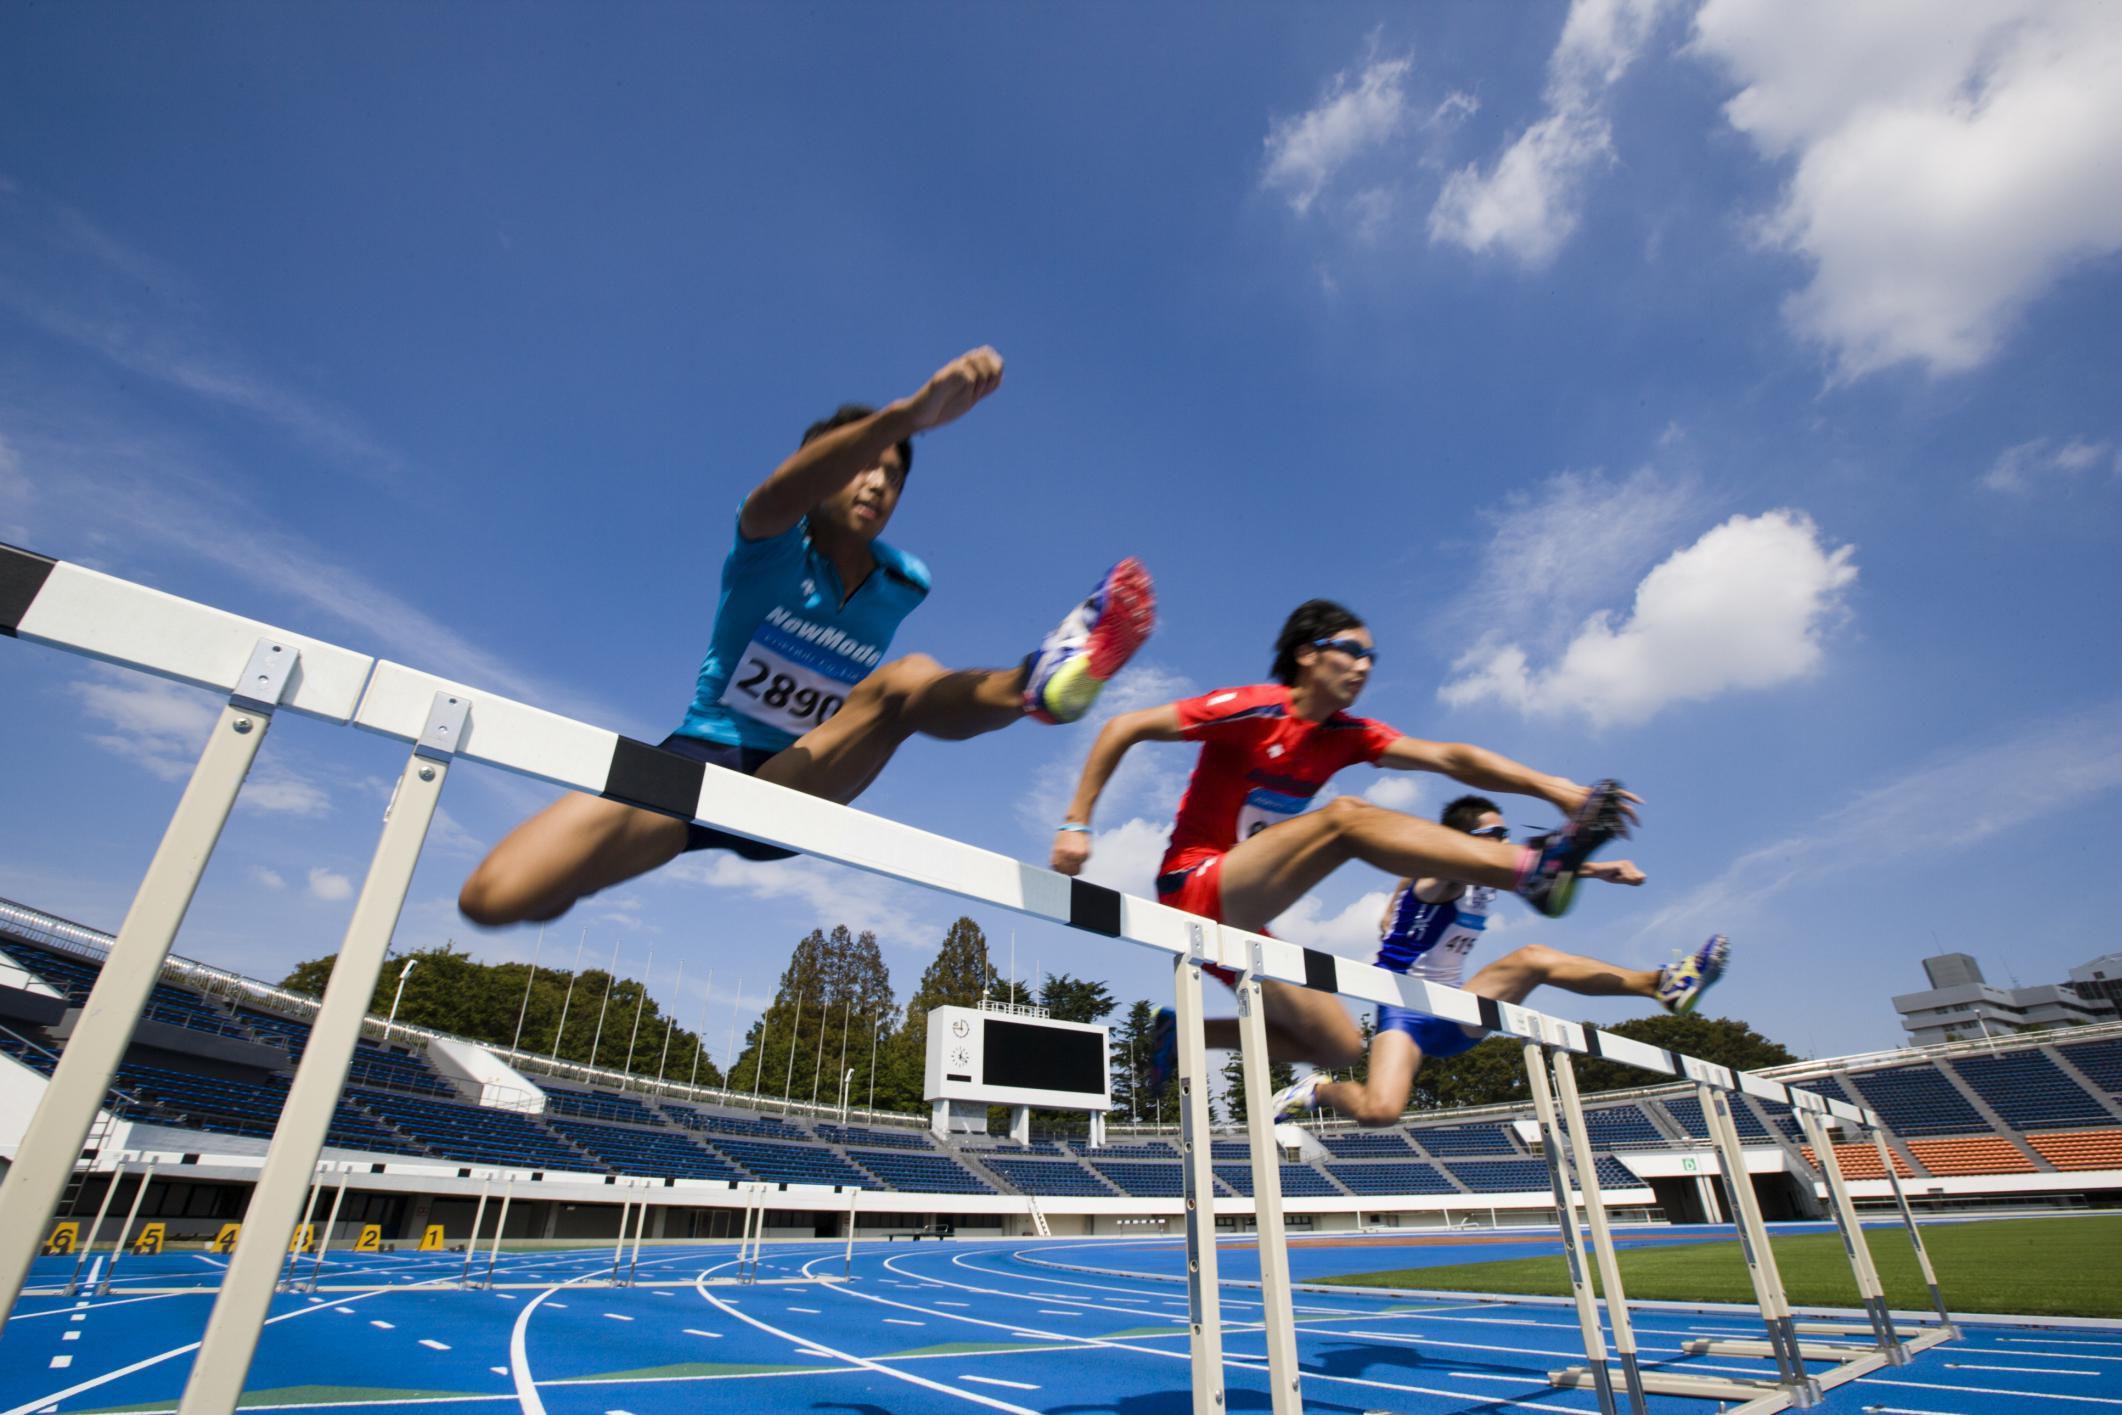 Aerobic vs. Anaerobic Metabolism